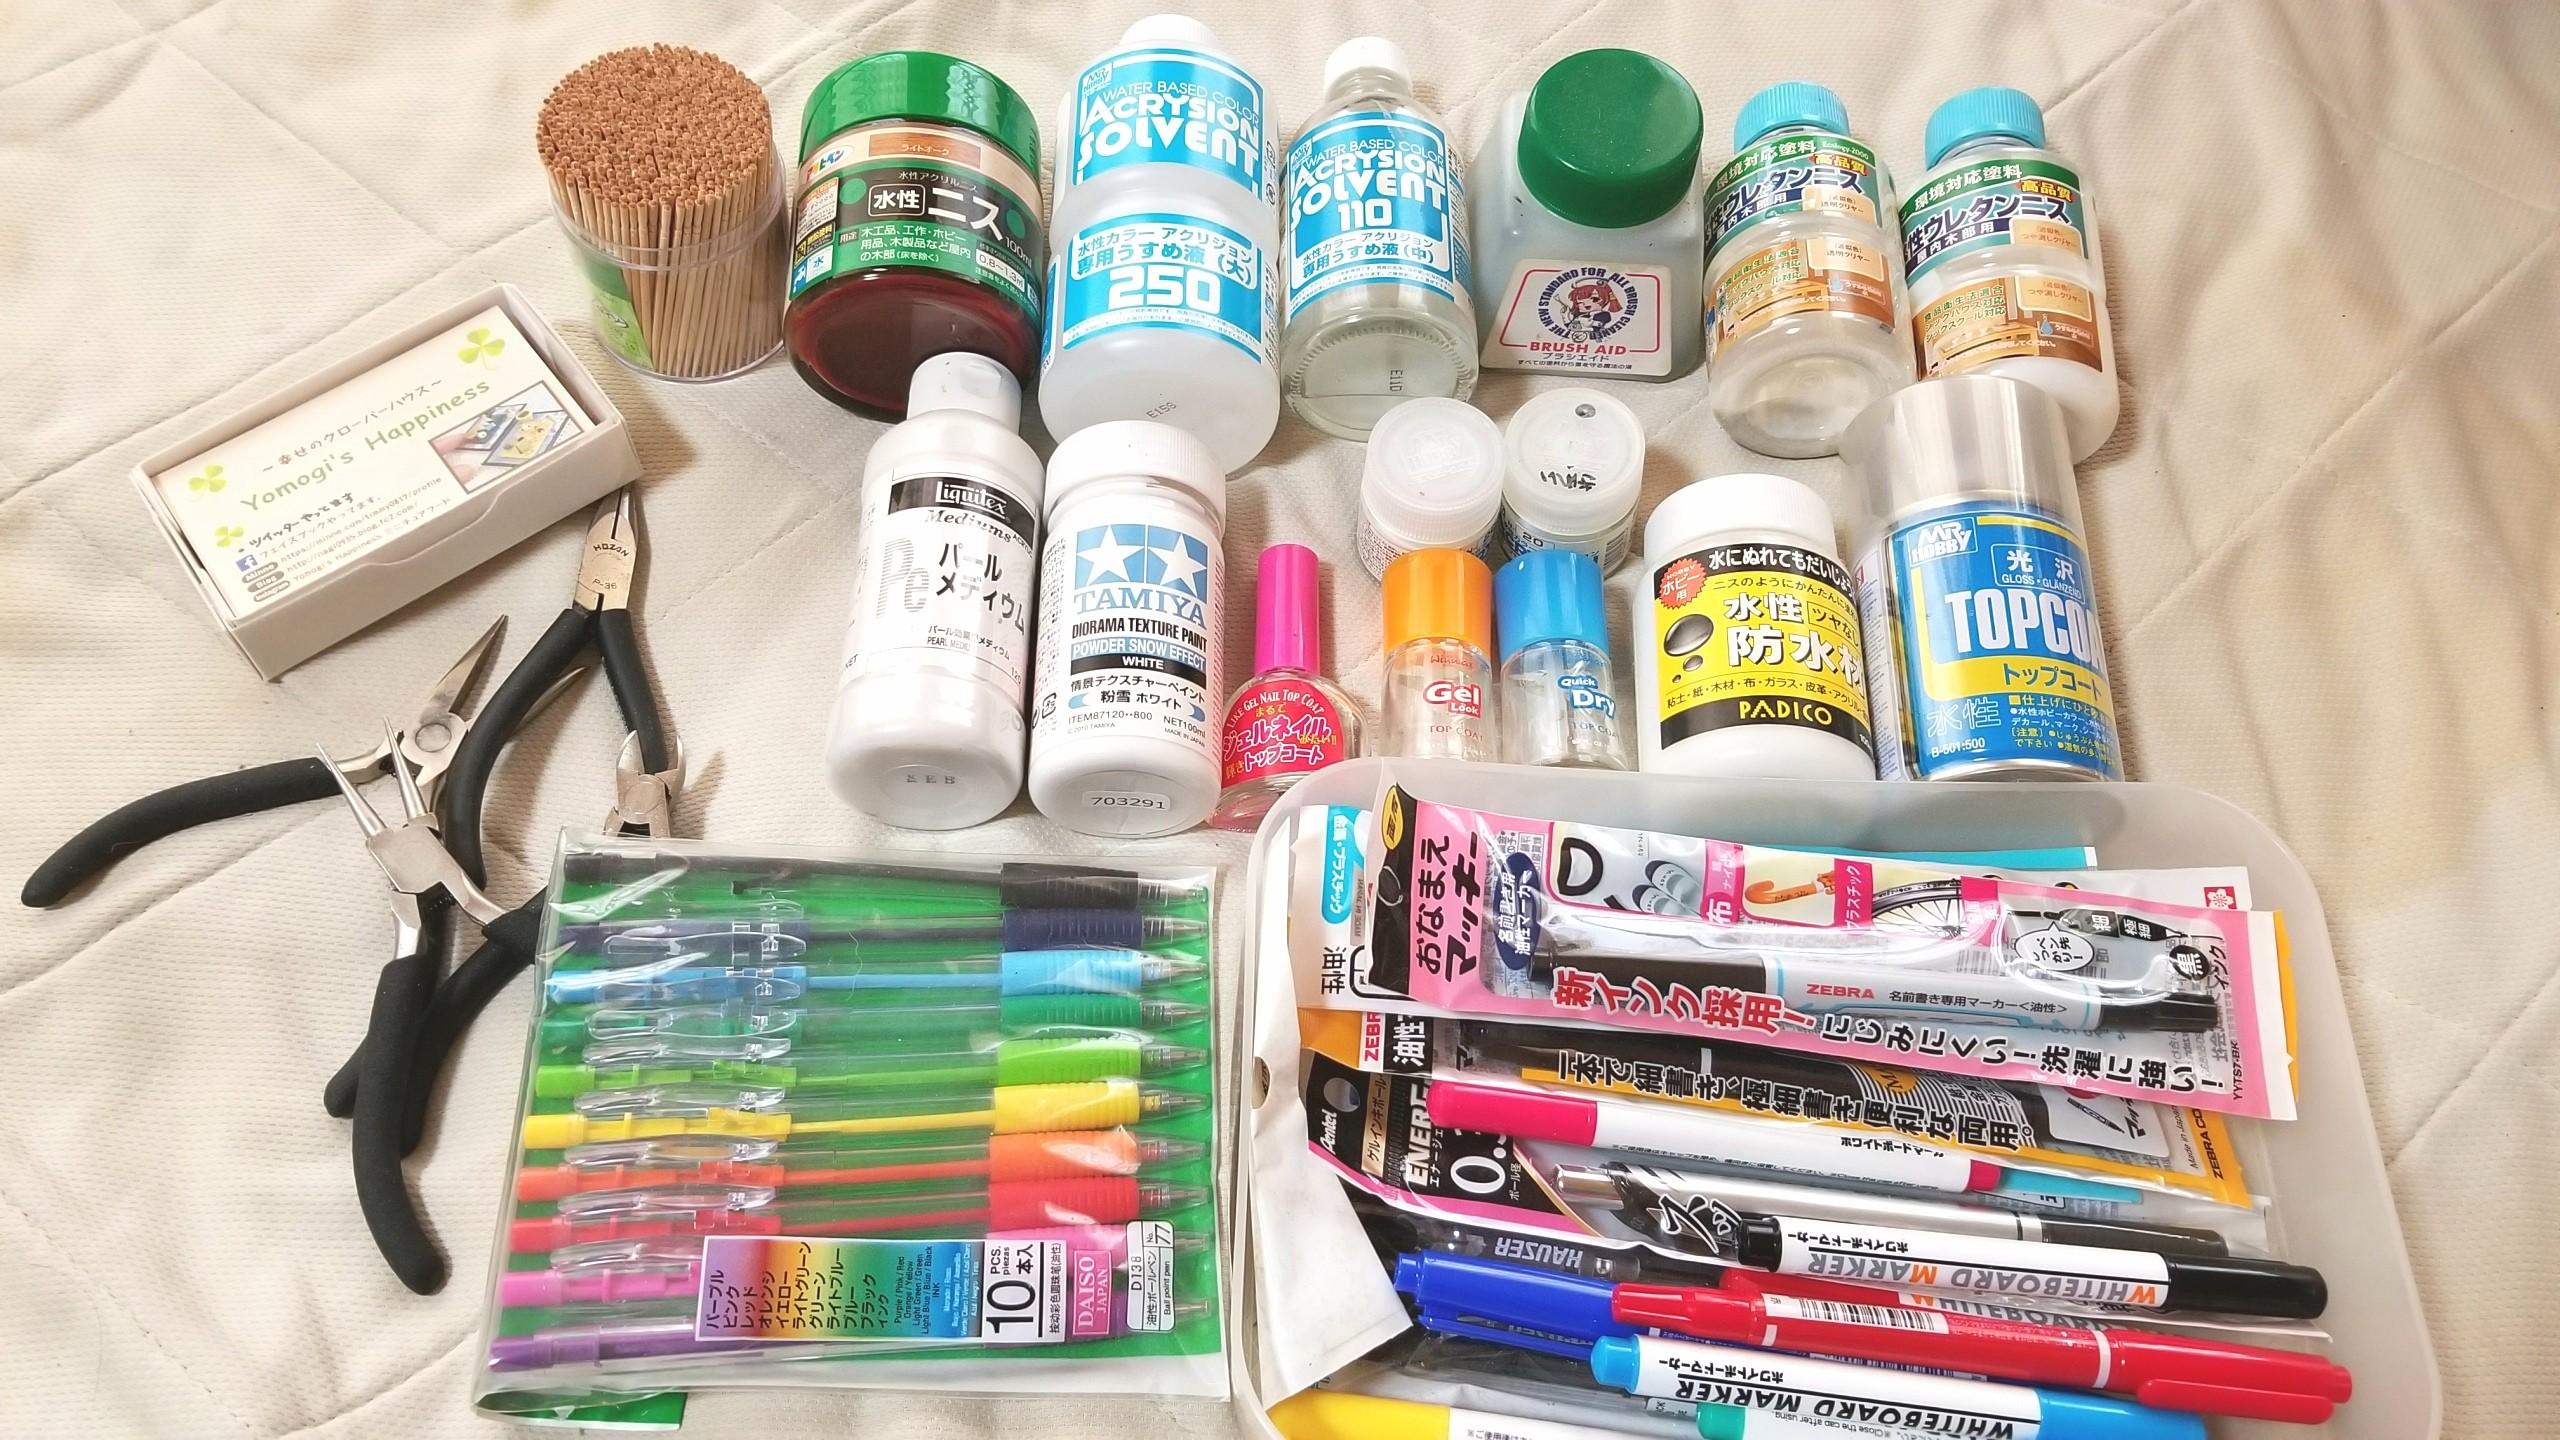 ハンドメイド販売,ミニチュアフード,道具や材料,人気,おすすめブログ